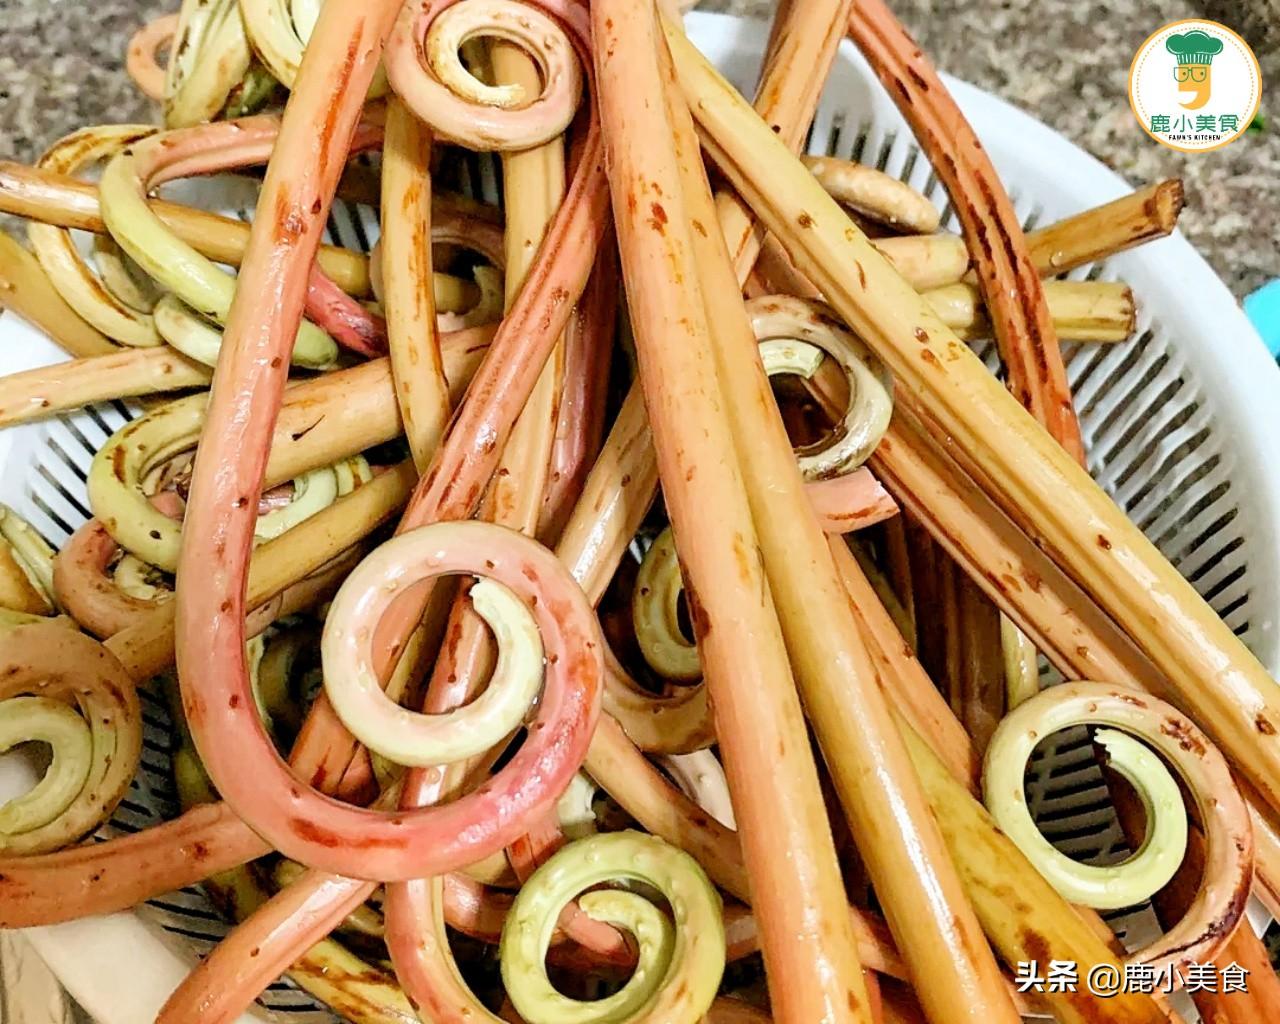 春天碰到蕨菜赶紧吃,随便一摘一大把,比香椿脆嫩,炒腊肉超香 美食做法 第6张